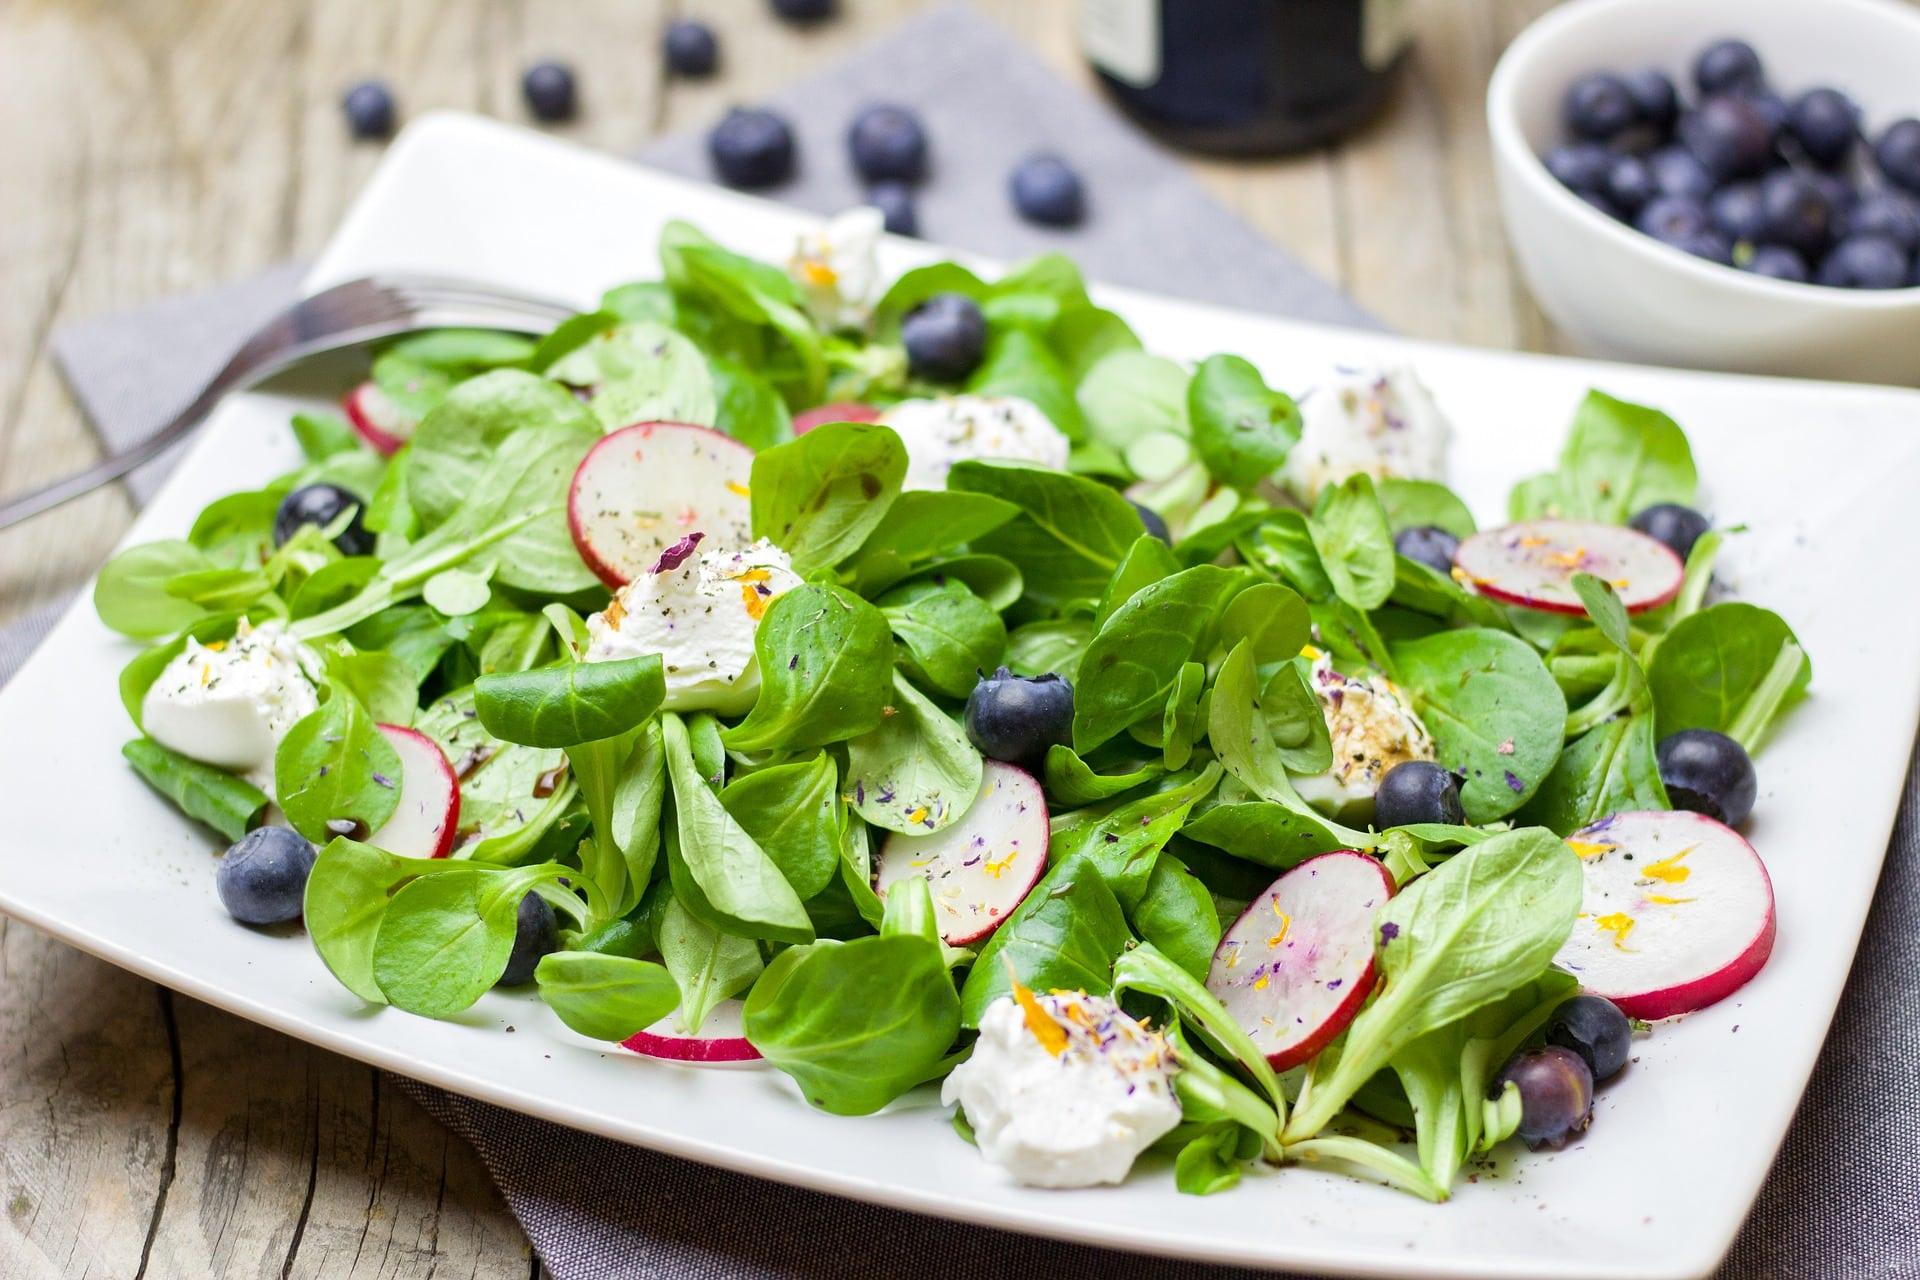 Salad foods for hypothyroidism